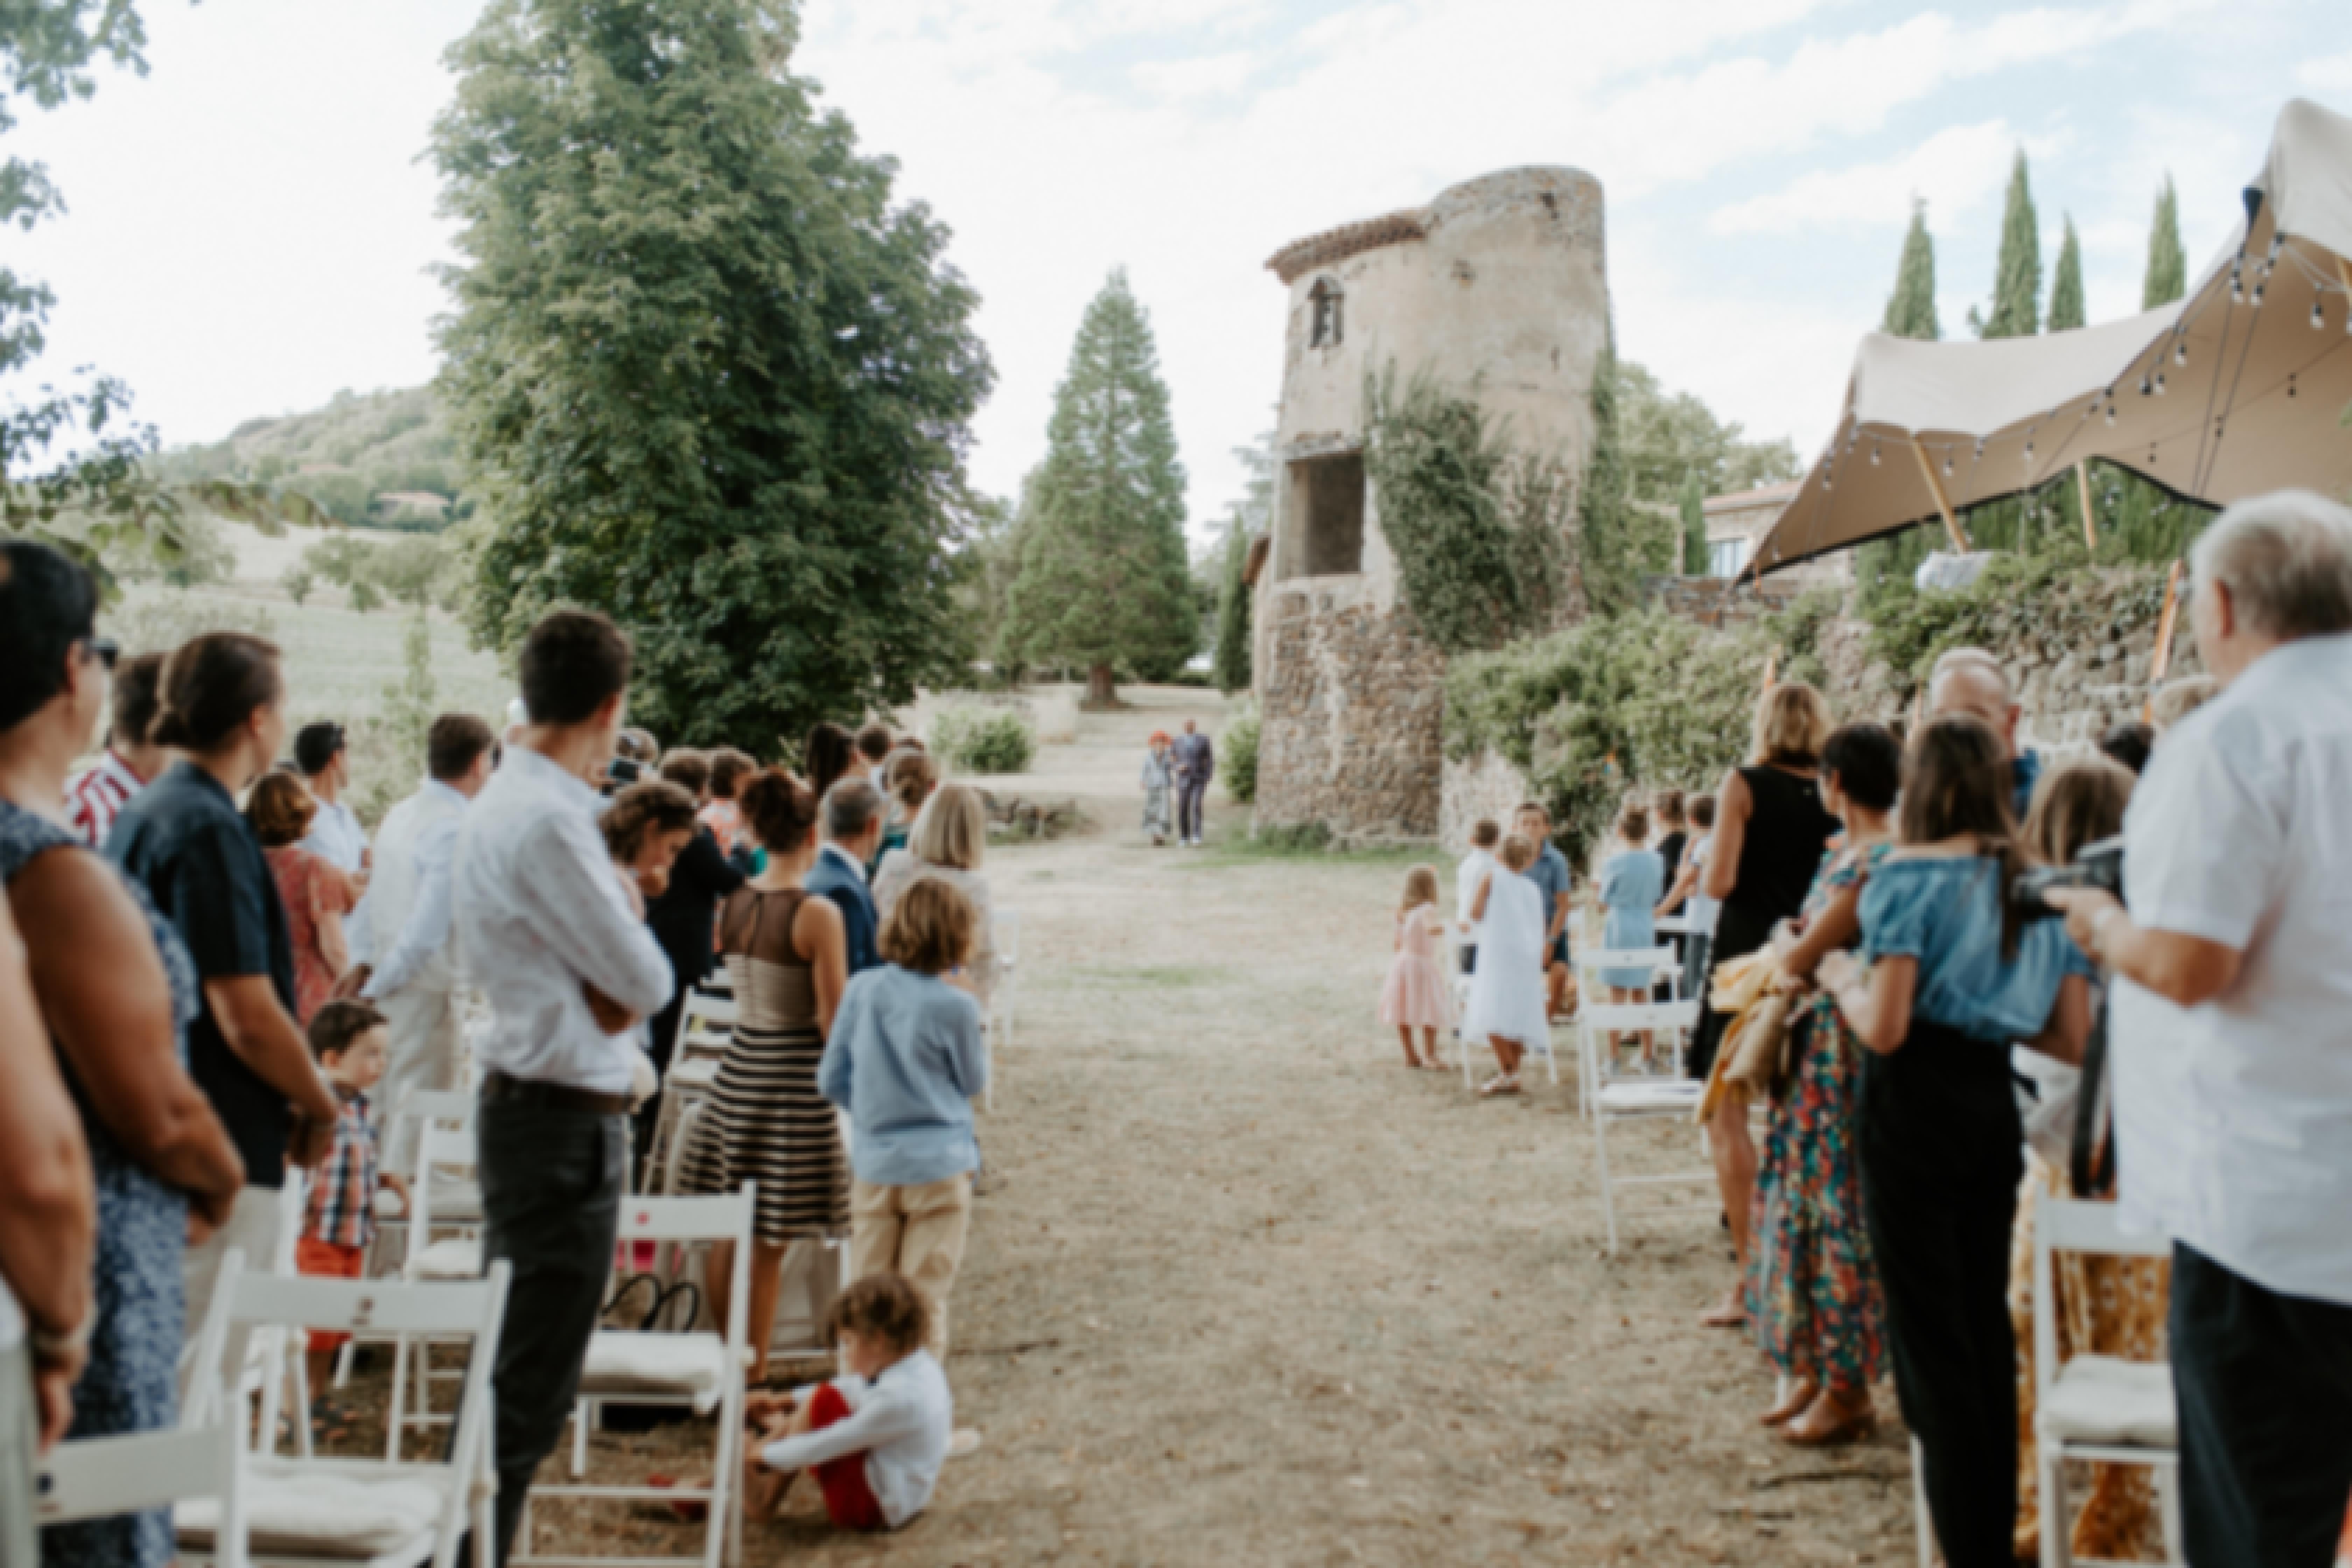 Outdoor wedding ceremony in château de Bois Rigaud's gardens